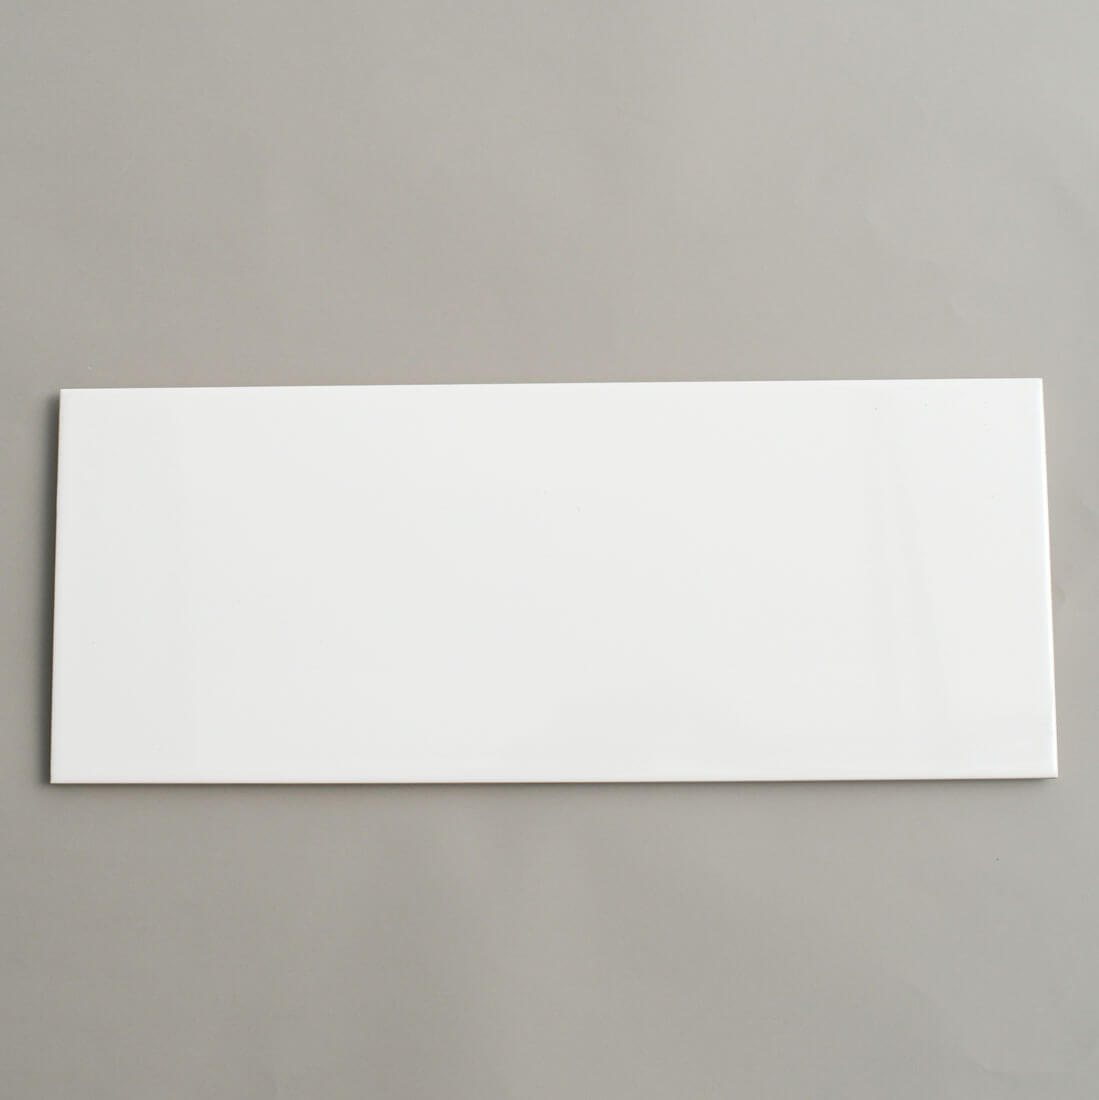 קרמיקה לאמבטיה 20/50 לבן מט לחדר רחצה